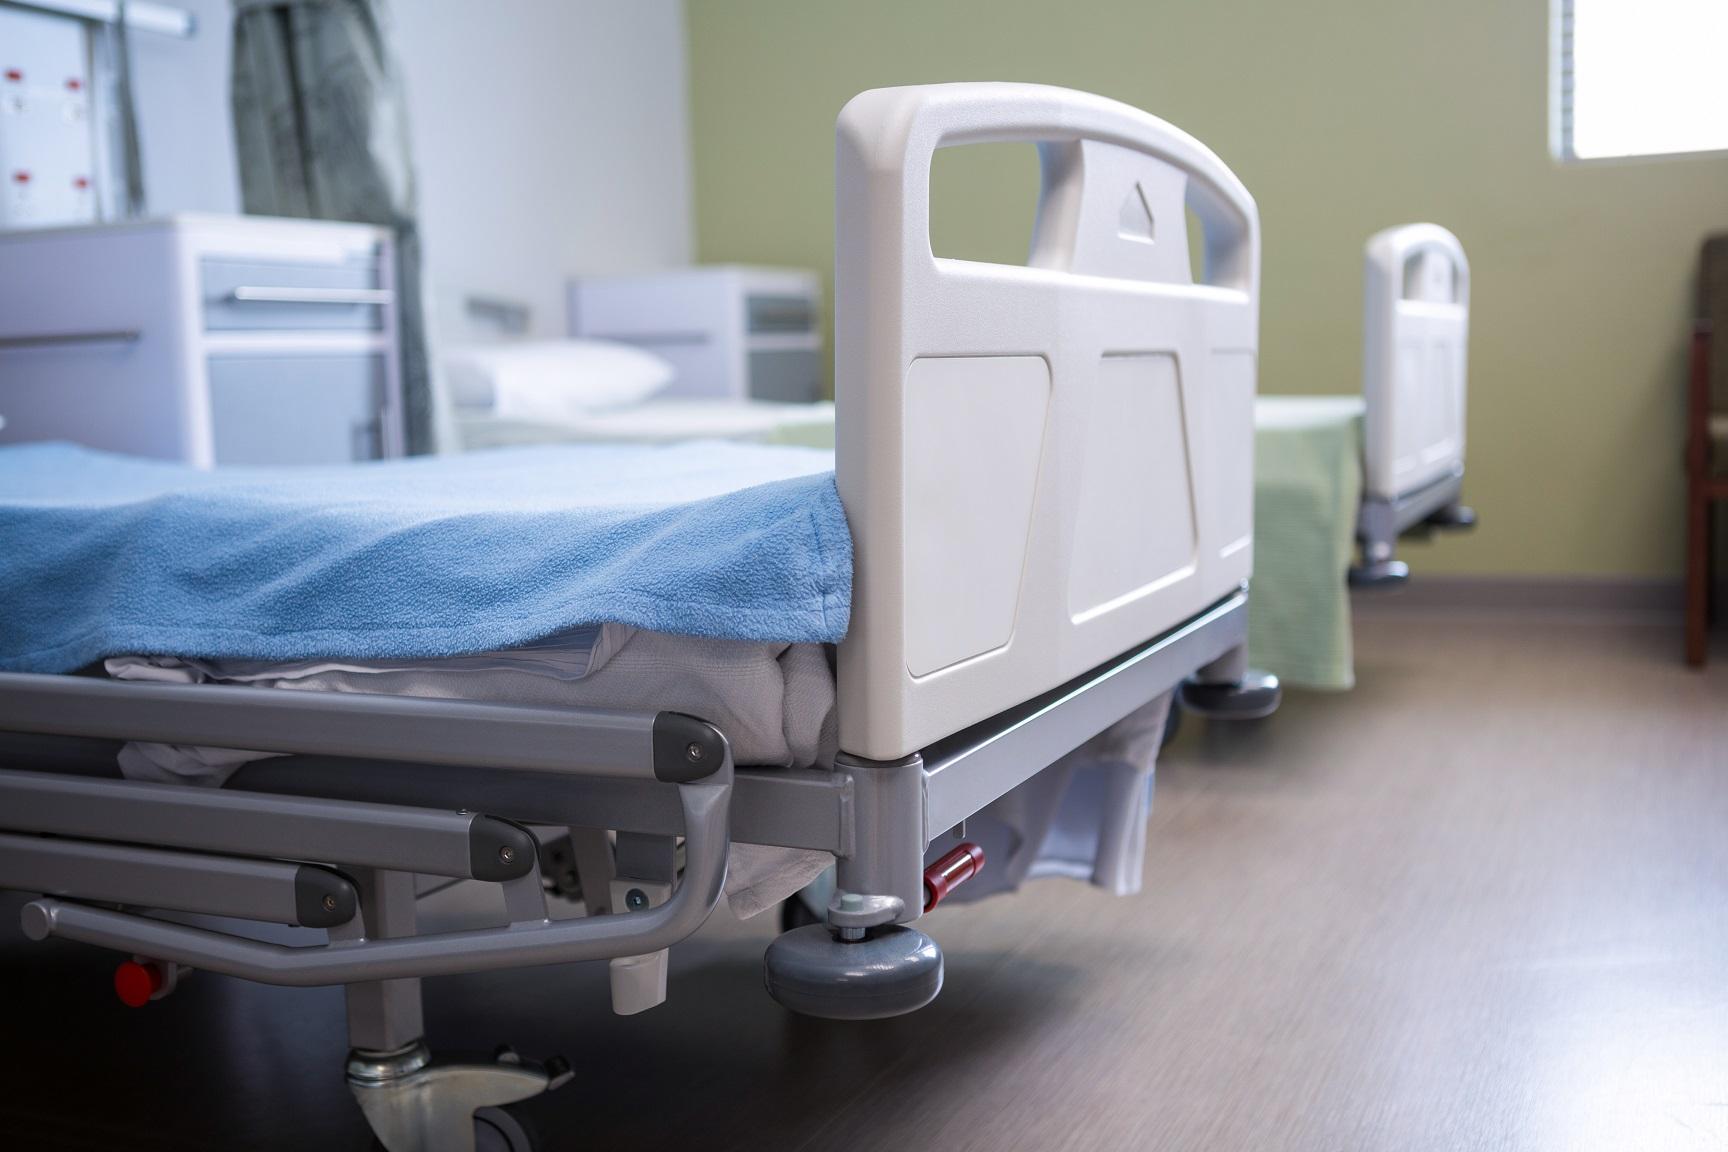 empty beds in ward at hospital 4EABTA2 убийство убийство